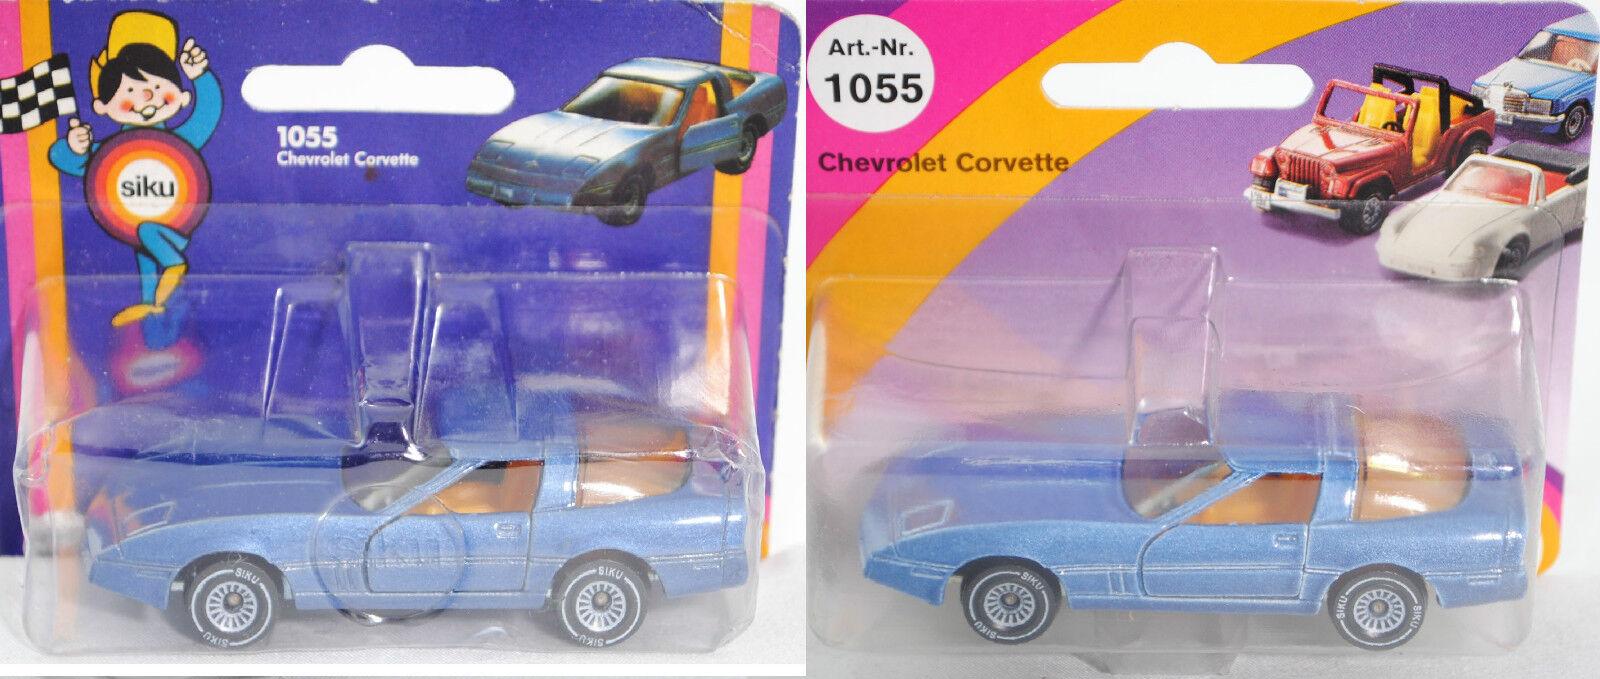 Siku Super 1055 Chevrolet Corvette 5.7 (tipo (tipo (tipo c4), aprox. 1 56 a112ef